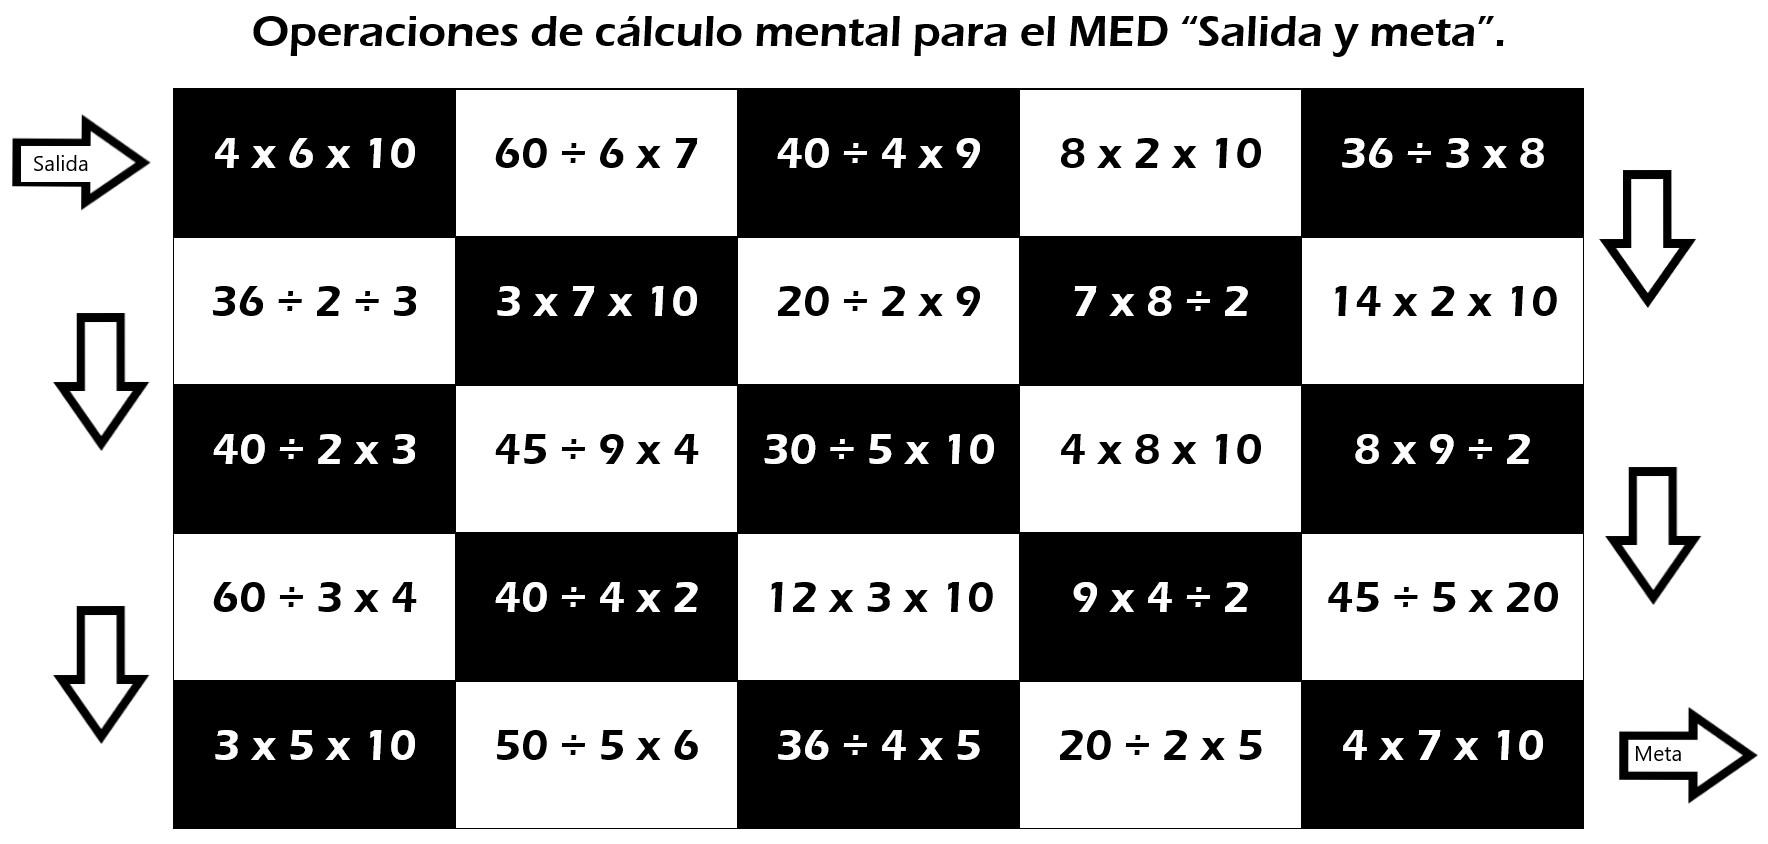 Salida+y+meta+1.jpg